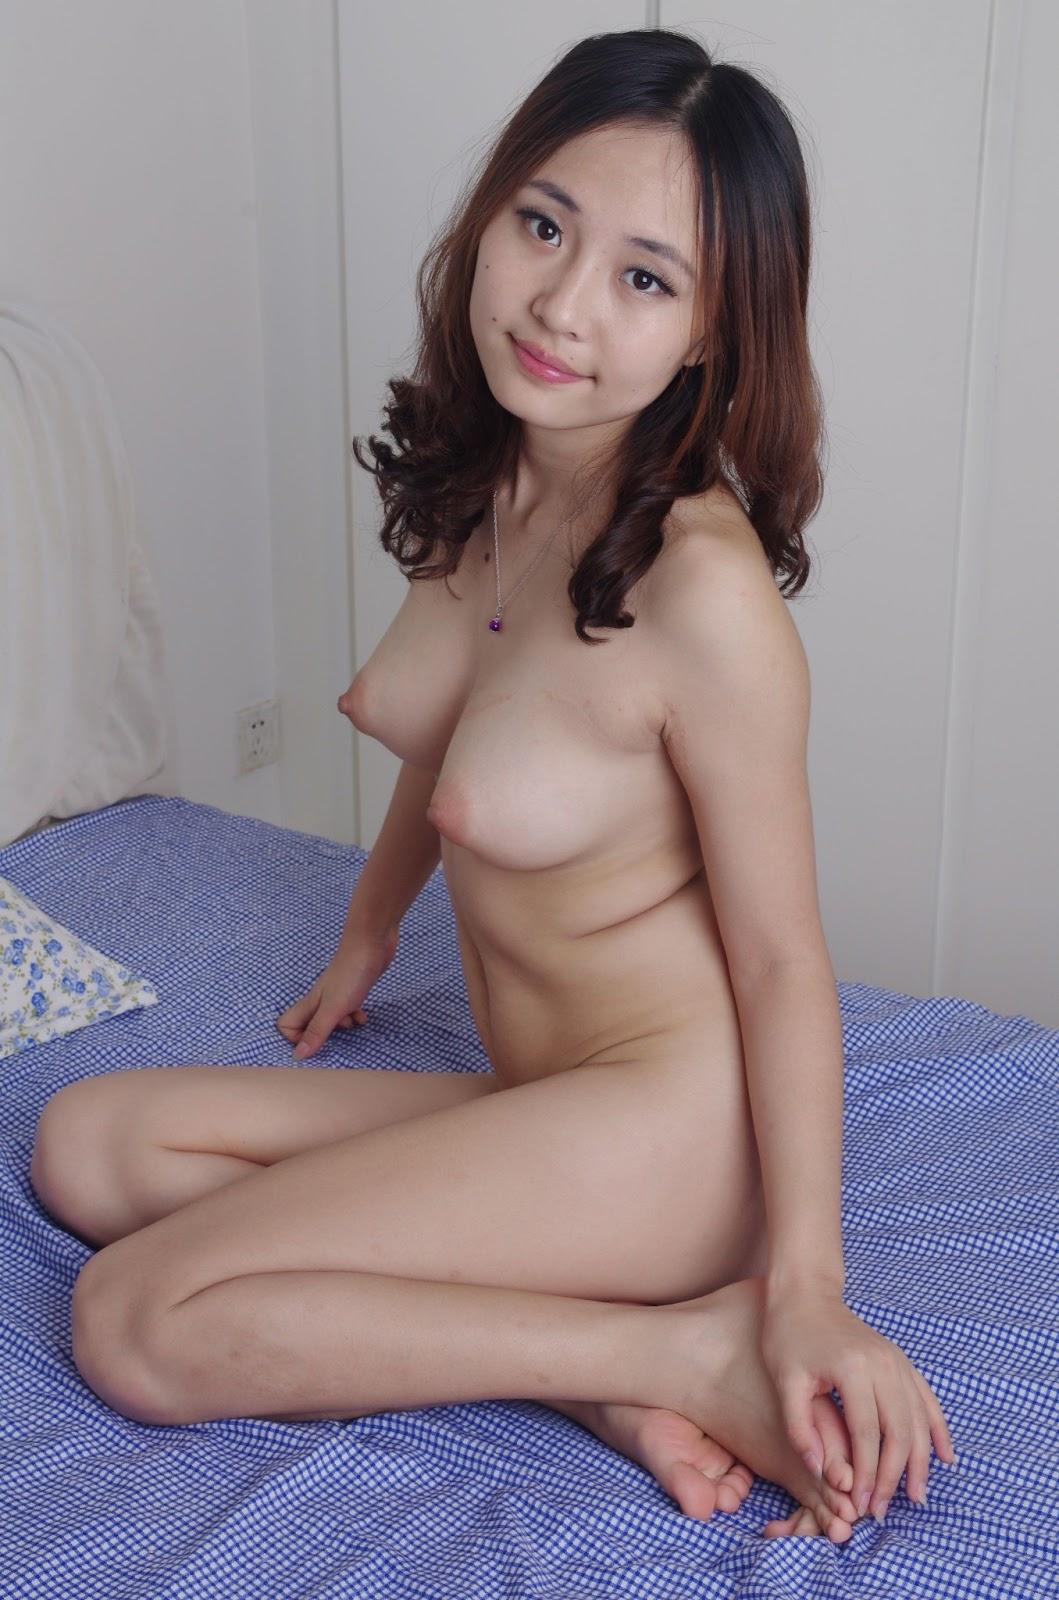 Japanese hairy pussy bukkake